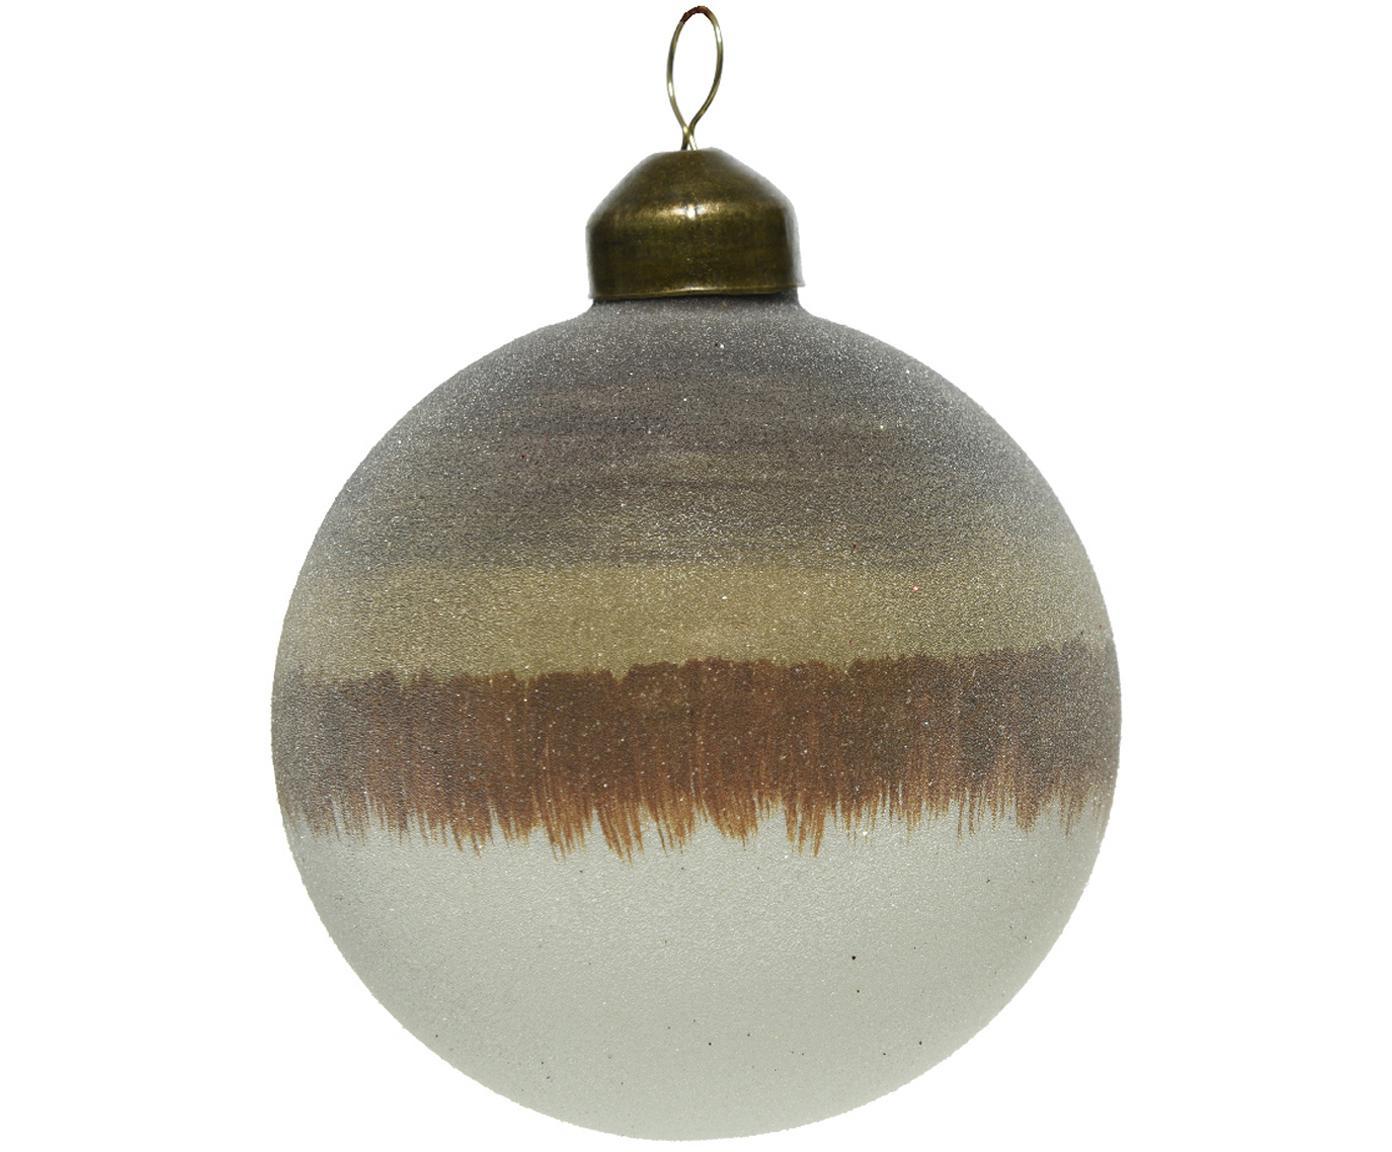 Bolas de Navidad Organic, 2uds., Beige, marrón, blanco, Ø 8 cm